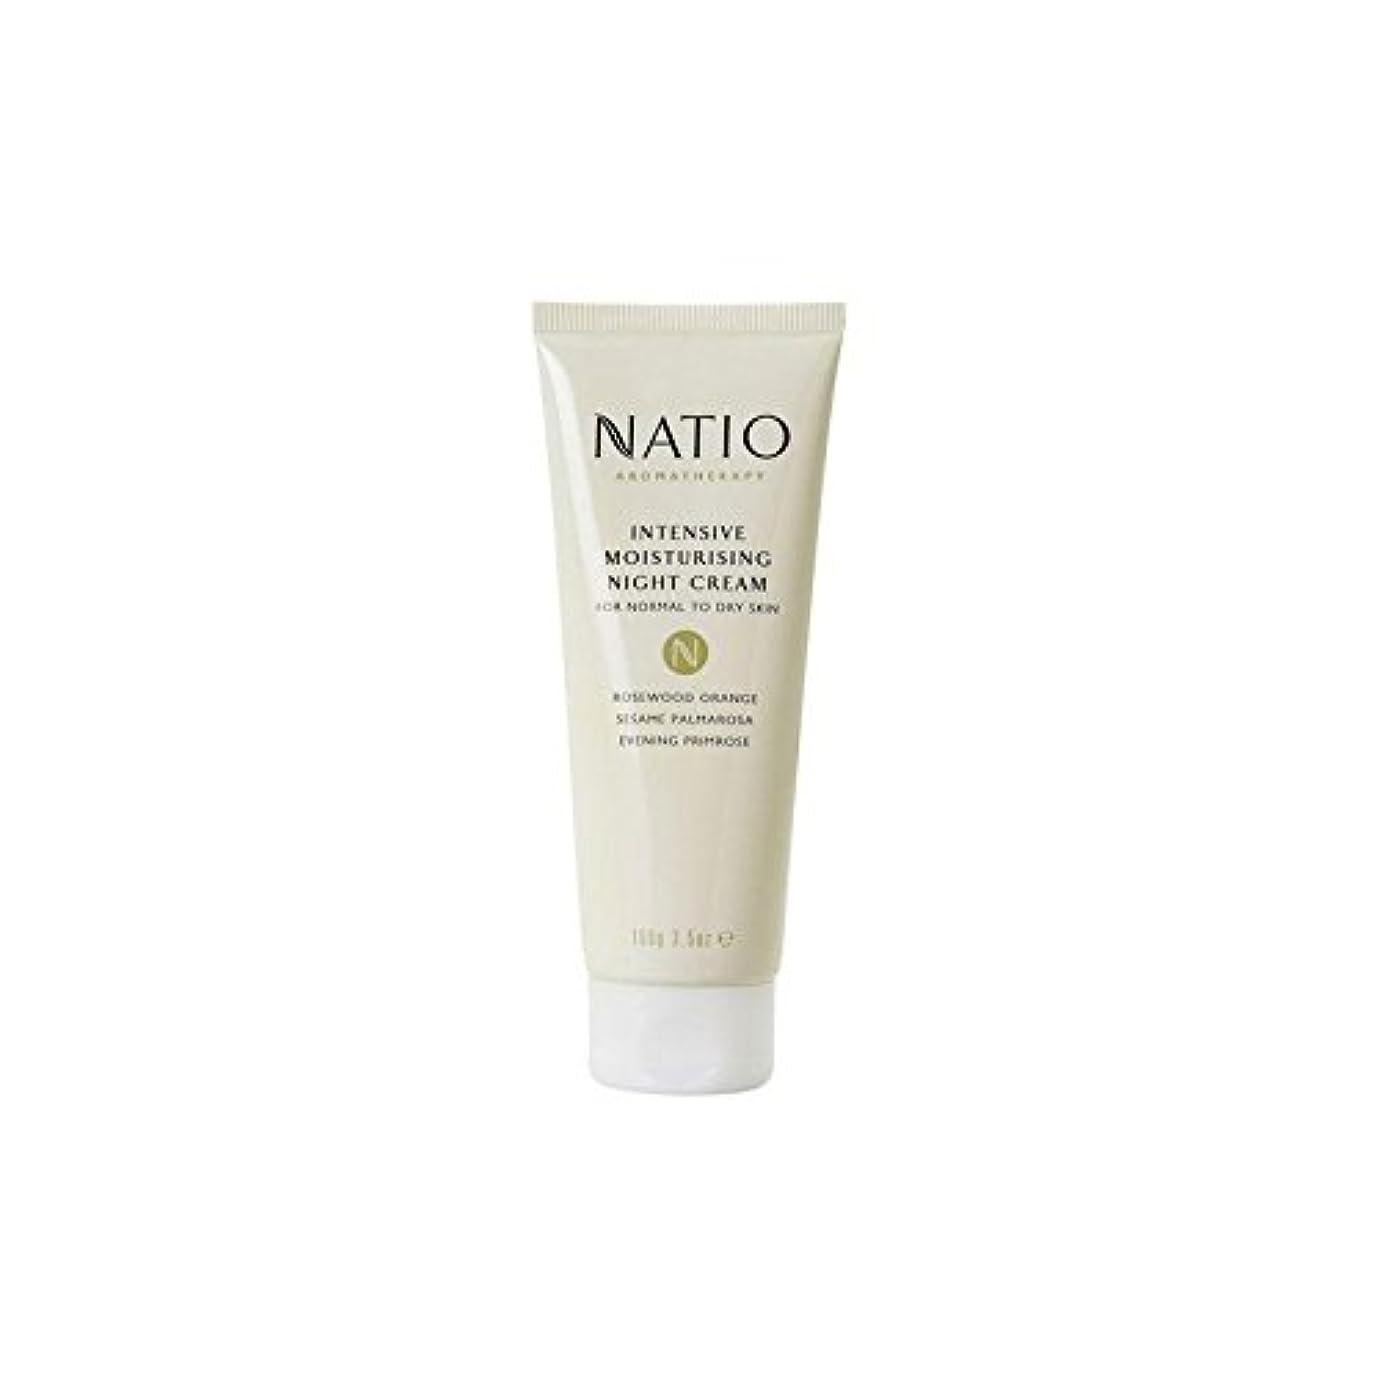 環境に優しい校長旅行Natio Intensive Moisturising Night Cream (100G) (Pack of 6) - 集中的な保湿ナイトクリーム(100グラム) x6 [並行輸入品]